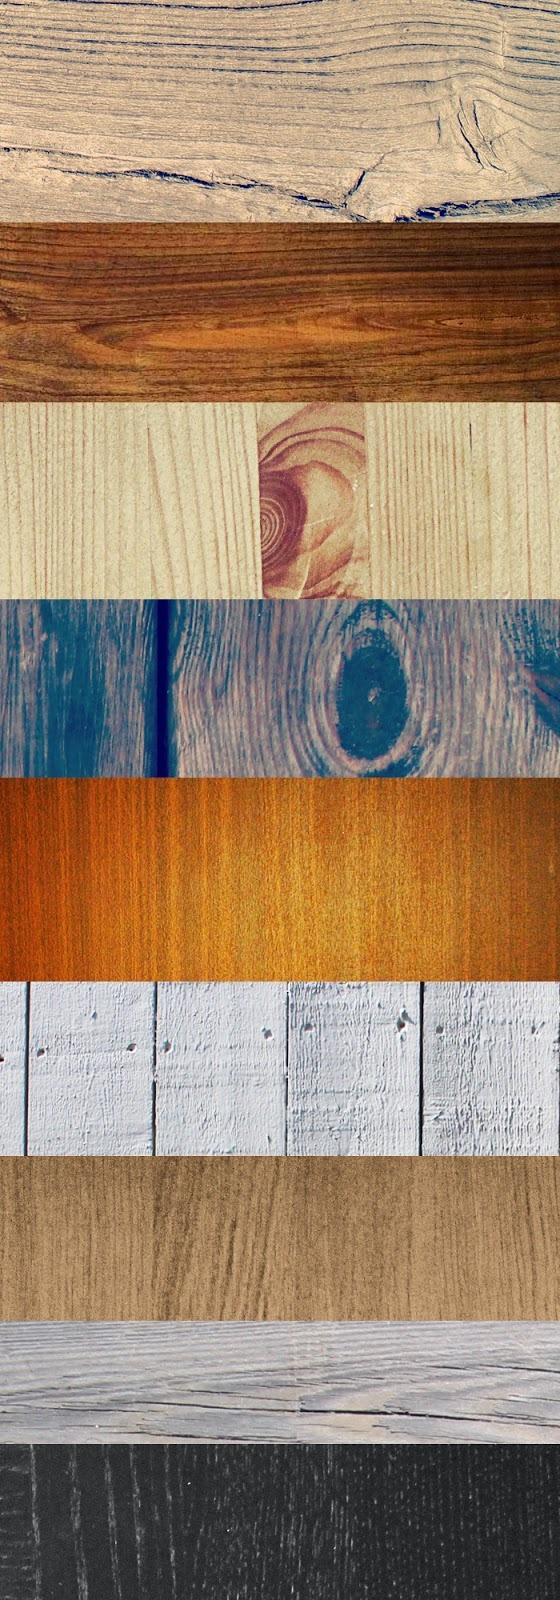 20 가지 무료 포토샵 고화질 나무 원목 텍스쳐 - 20 Free Photoshop High-Resolution HD Wood Textures